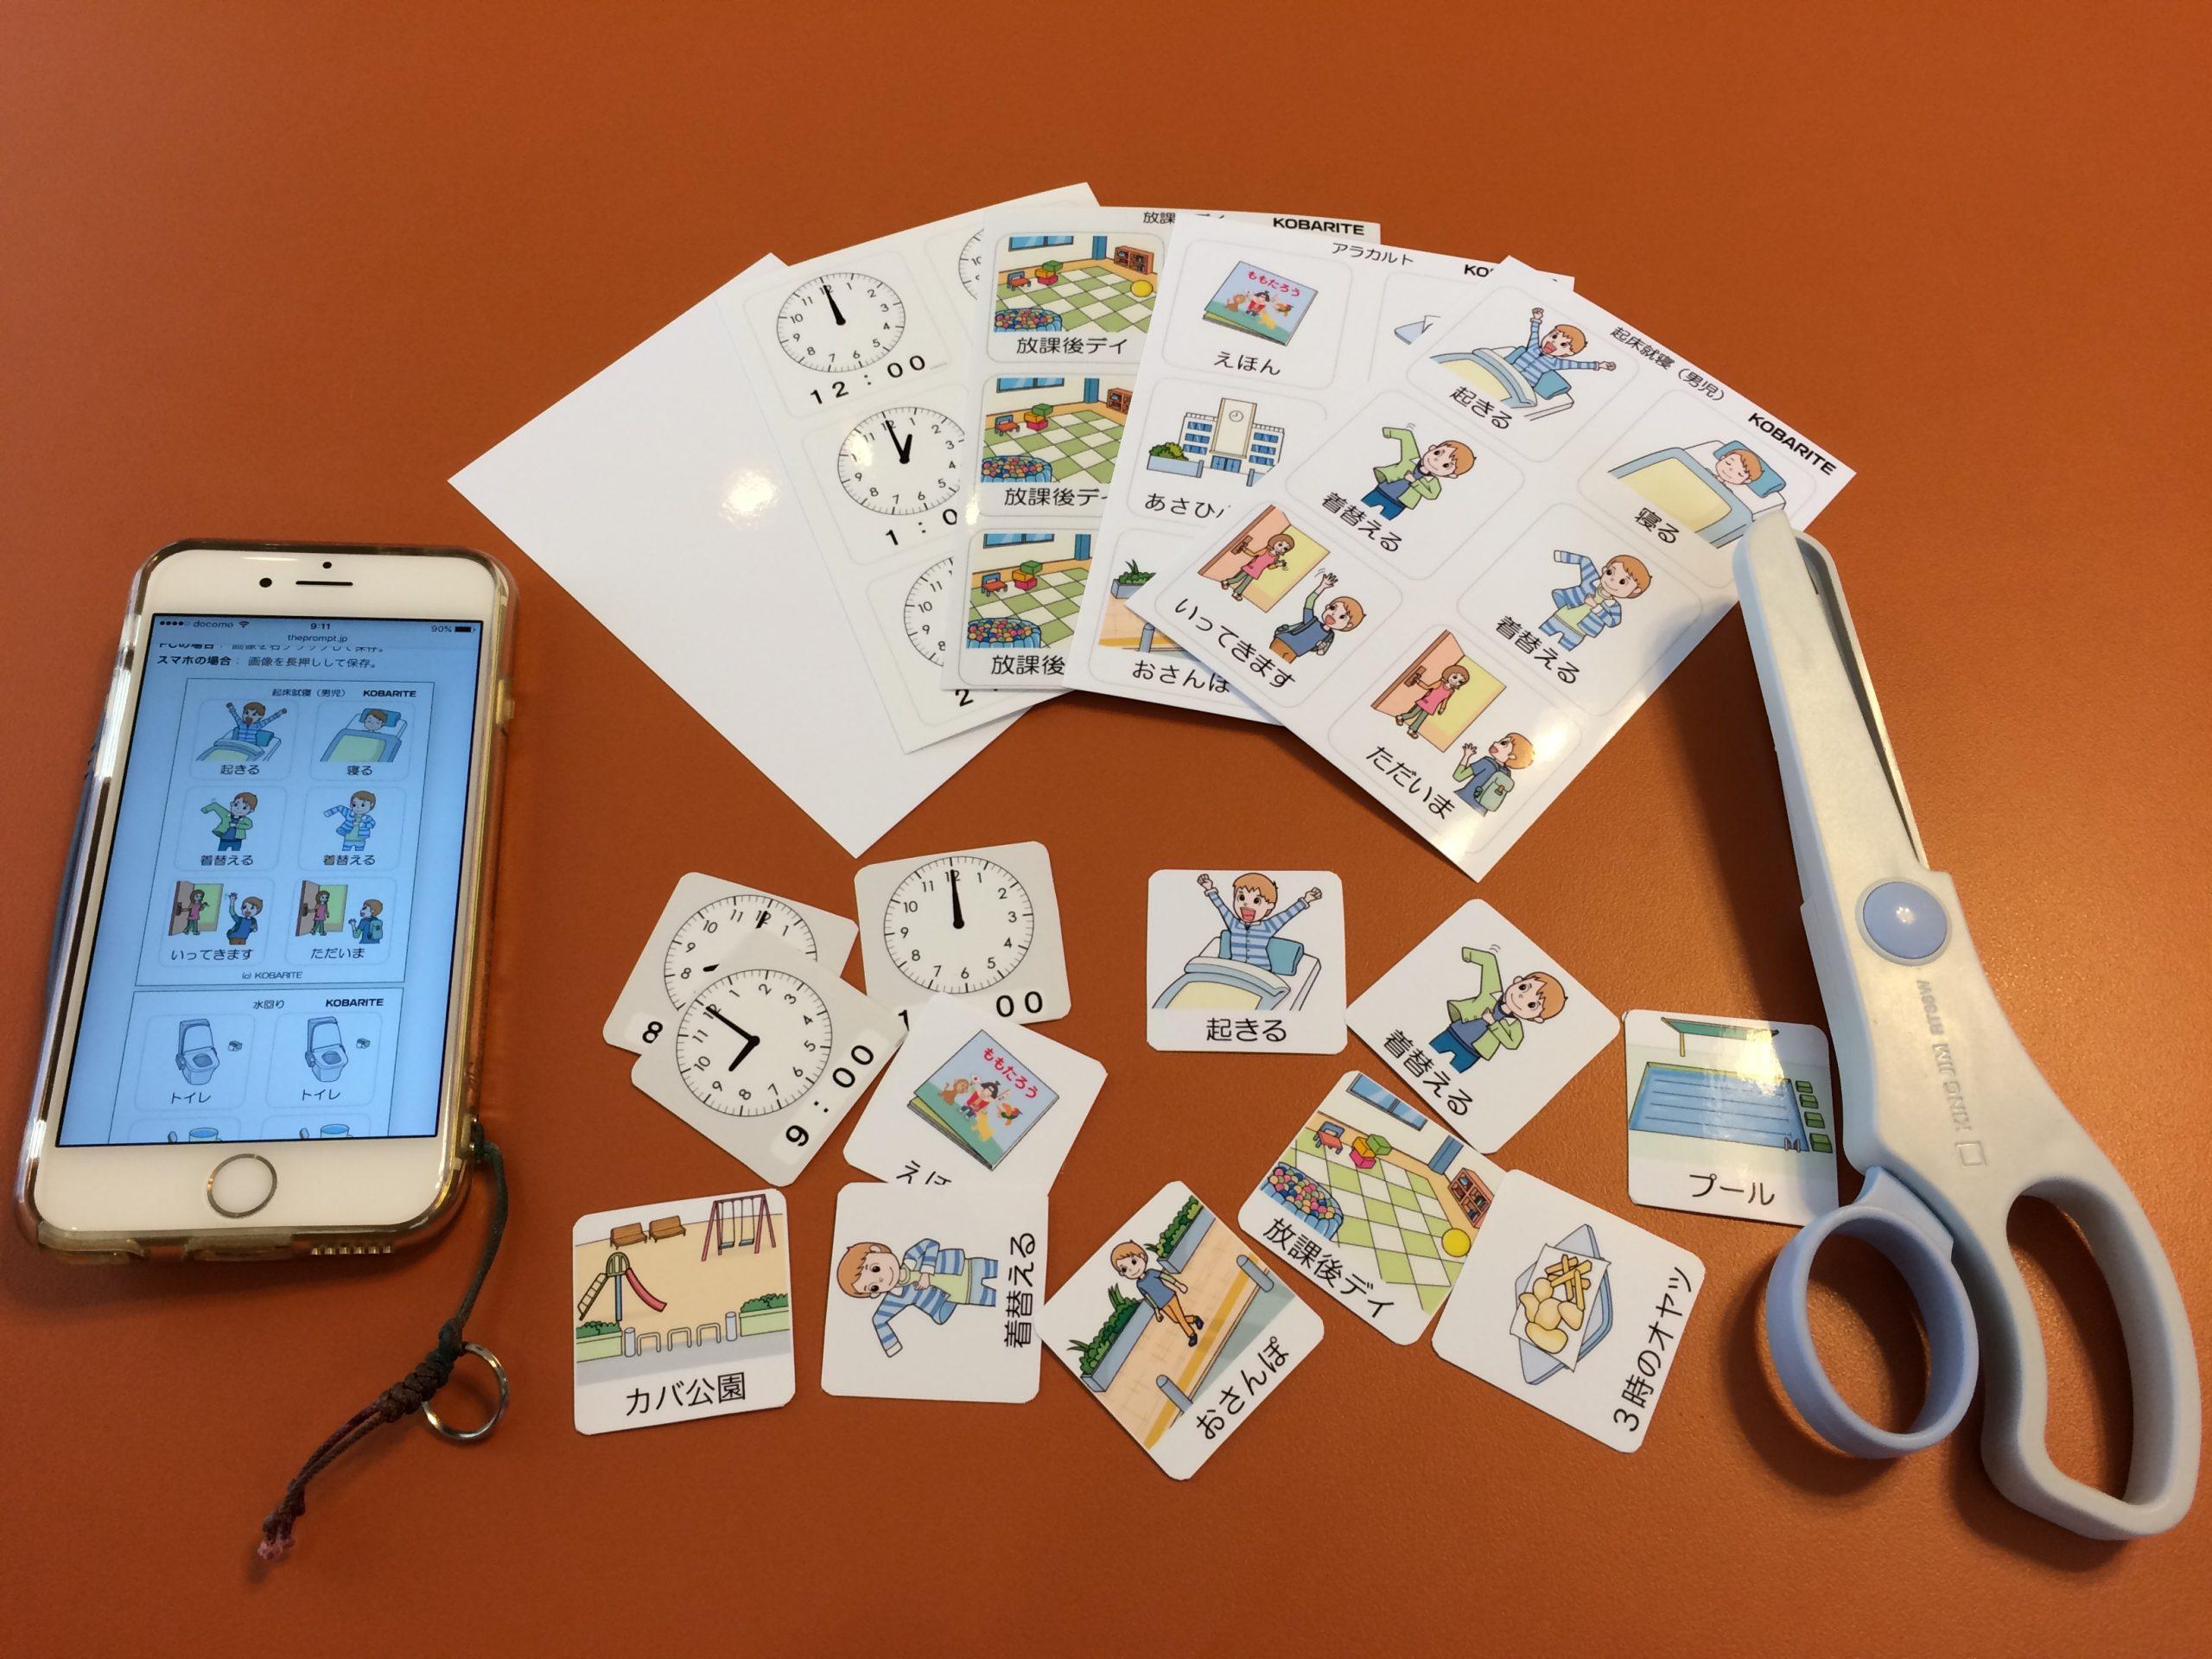 絵カードメーカー